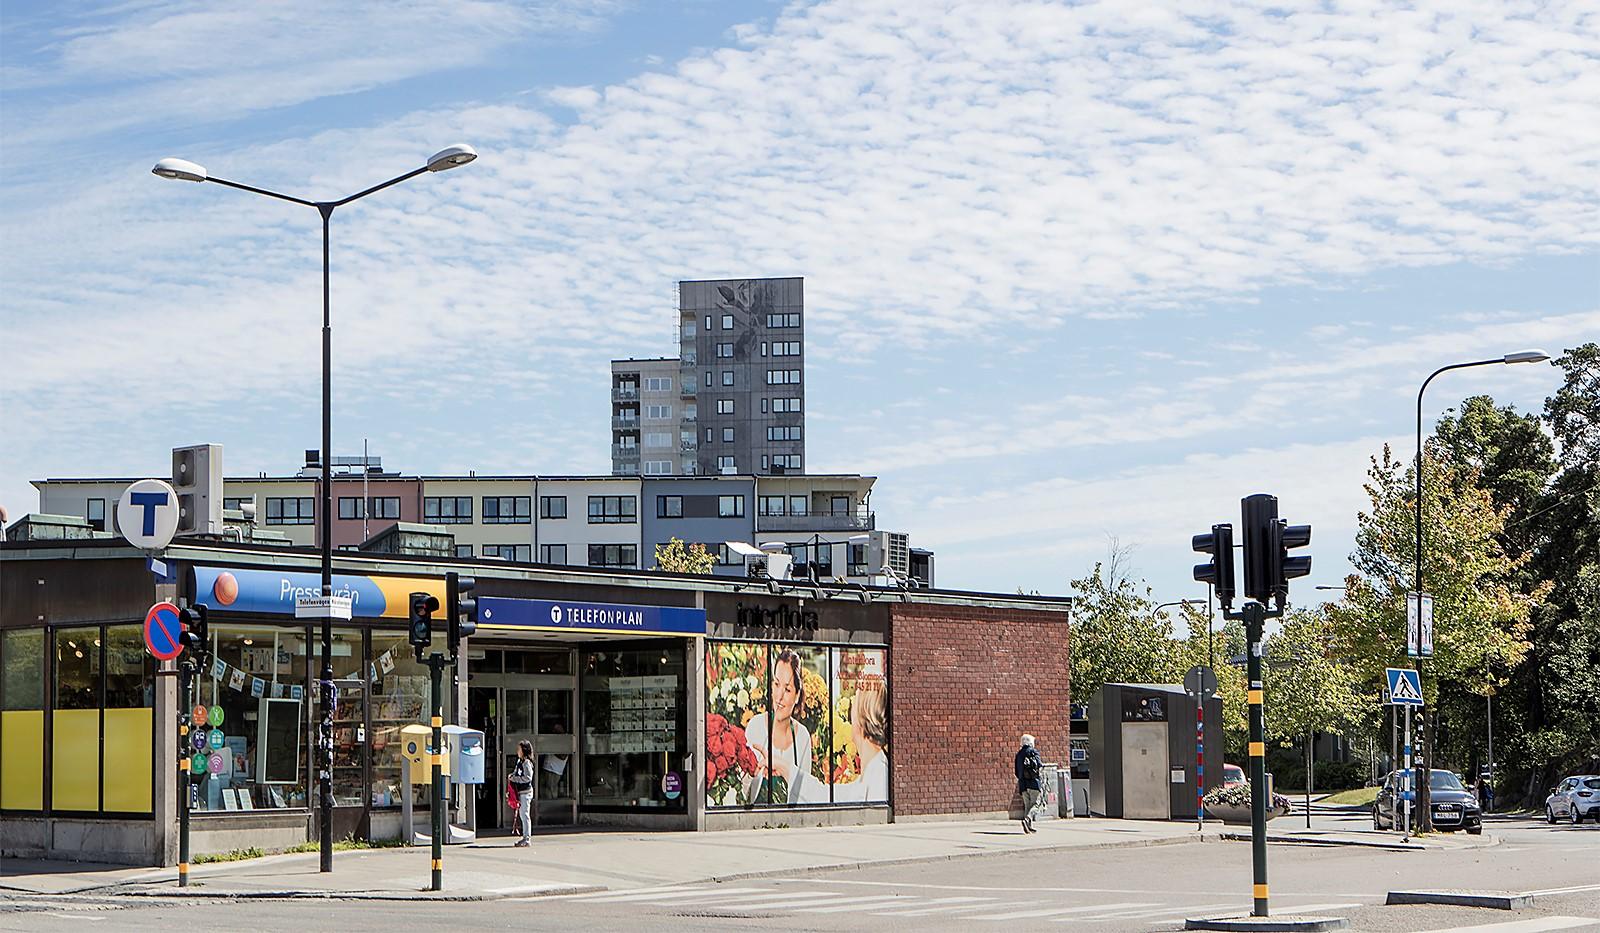 Oktavgatan 6 - Bo ett stenkast ifrån tunnelbanan